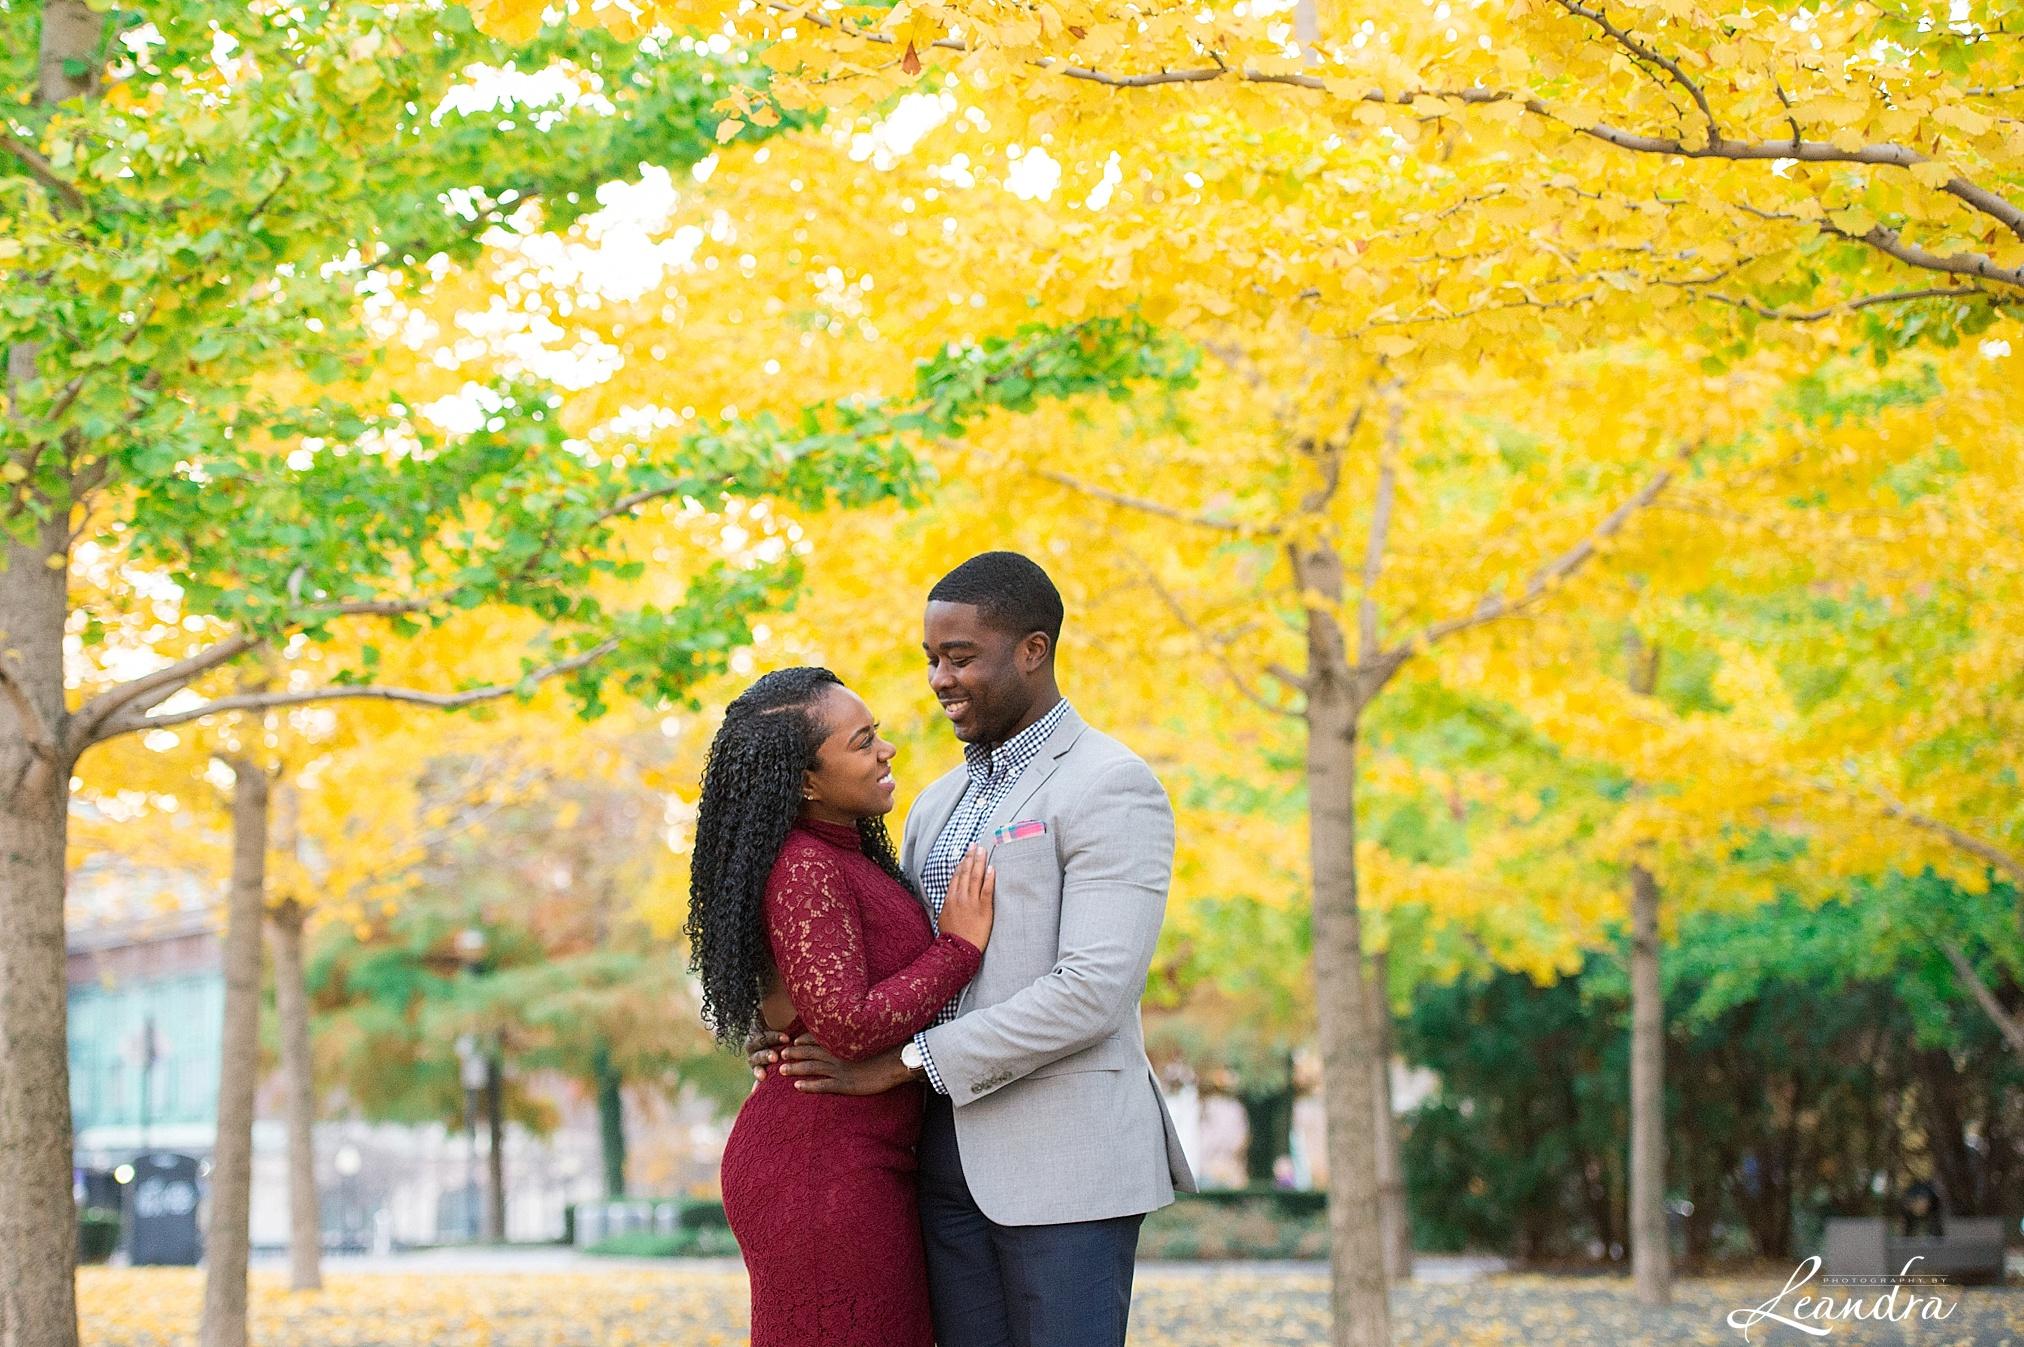 EngagementphotoswithFallfolliage_0186.jpg